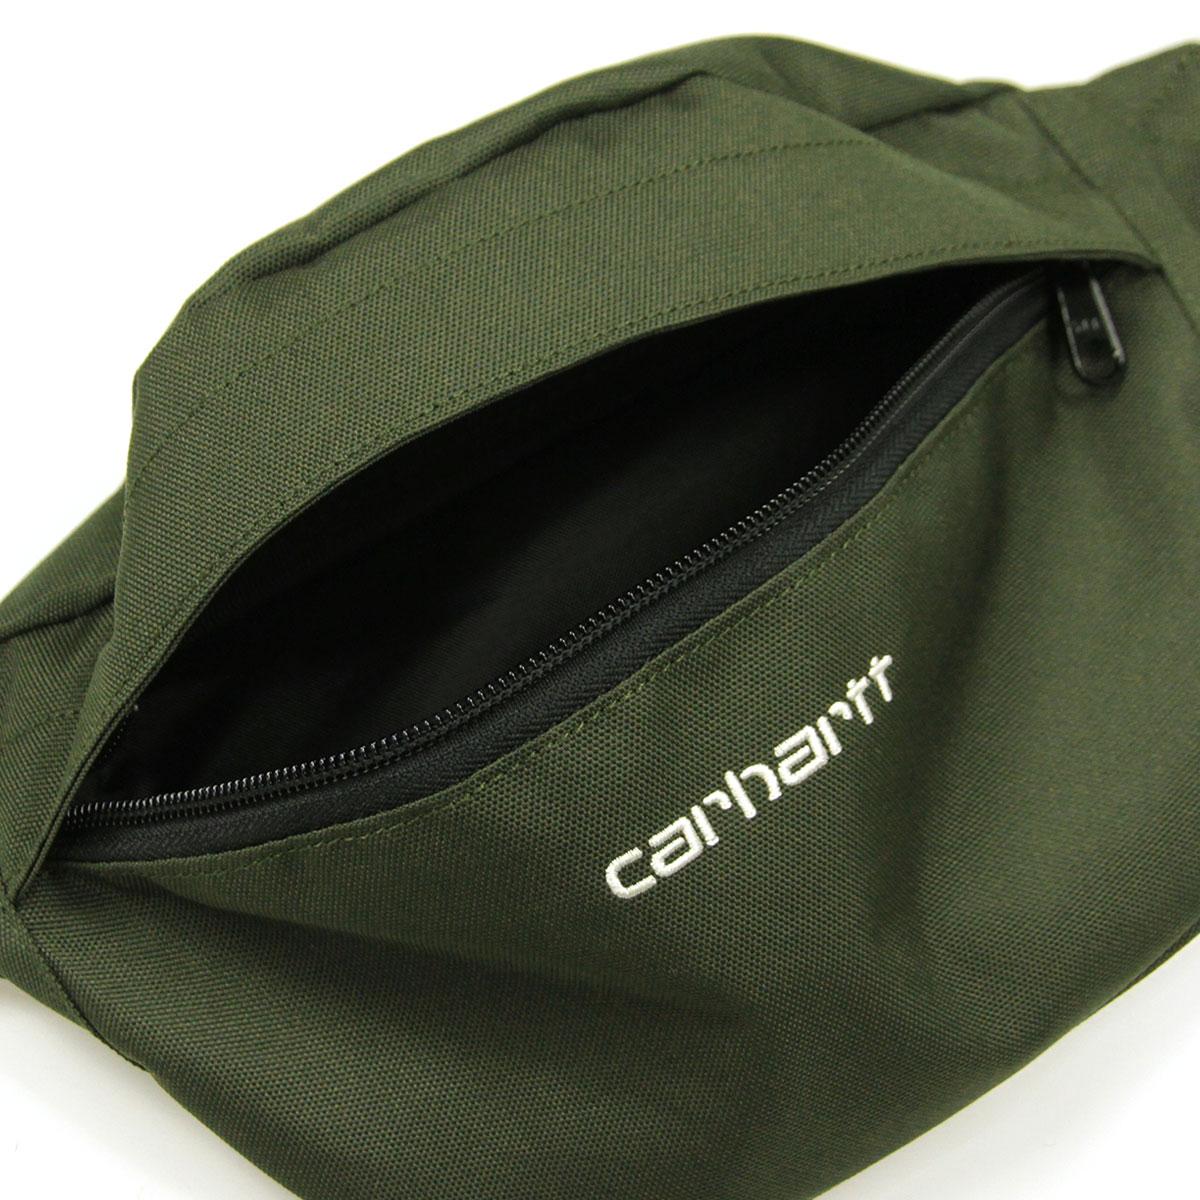 カーハート ボディーバッグ メンズ レディース 正規品 CARHARTT WIP ヒップバッグ ショルダーバッグ CARHARTT WIP PAYTON HIP BAG CYPRESS/WHITE i025742-6390 AB0B B3C C8D D4E E08F